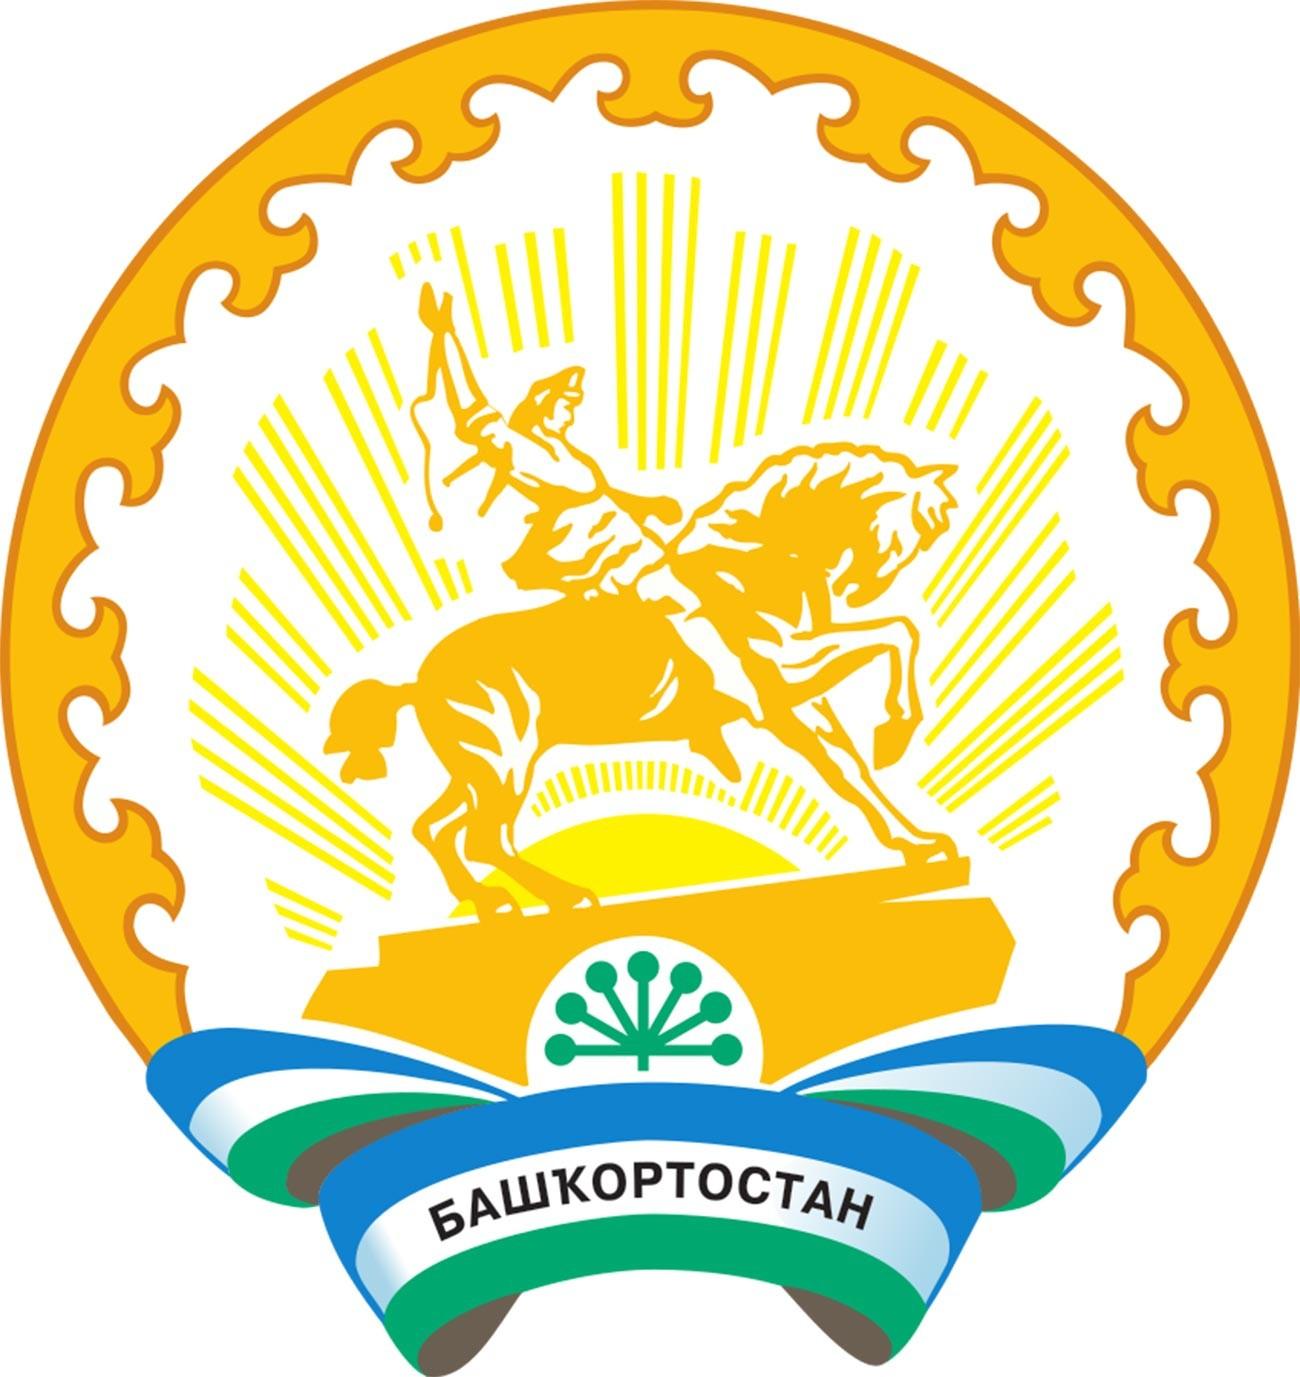 Lambang Republik Bashkortostan